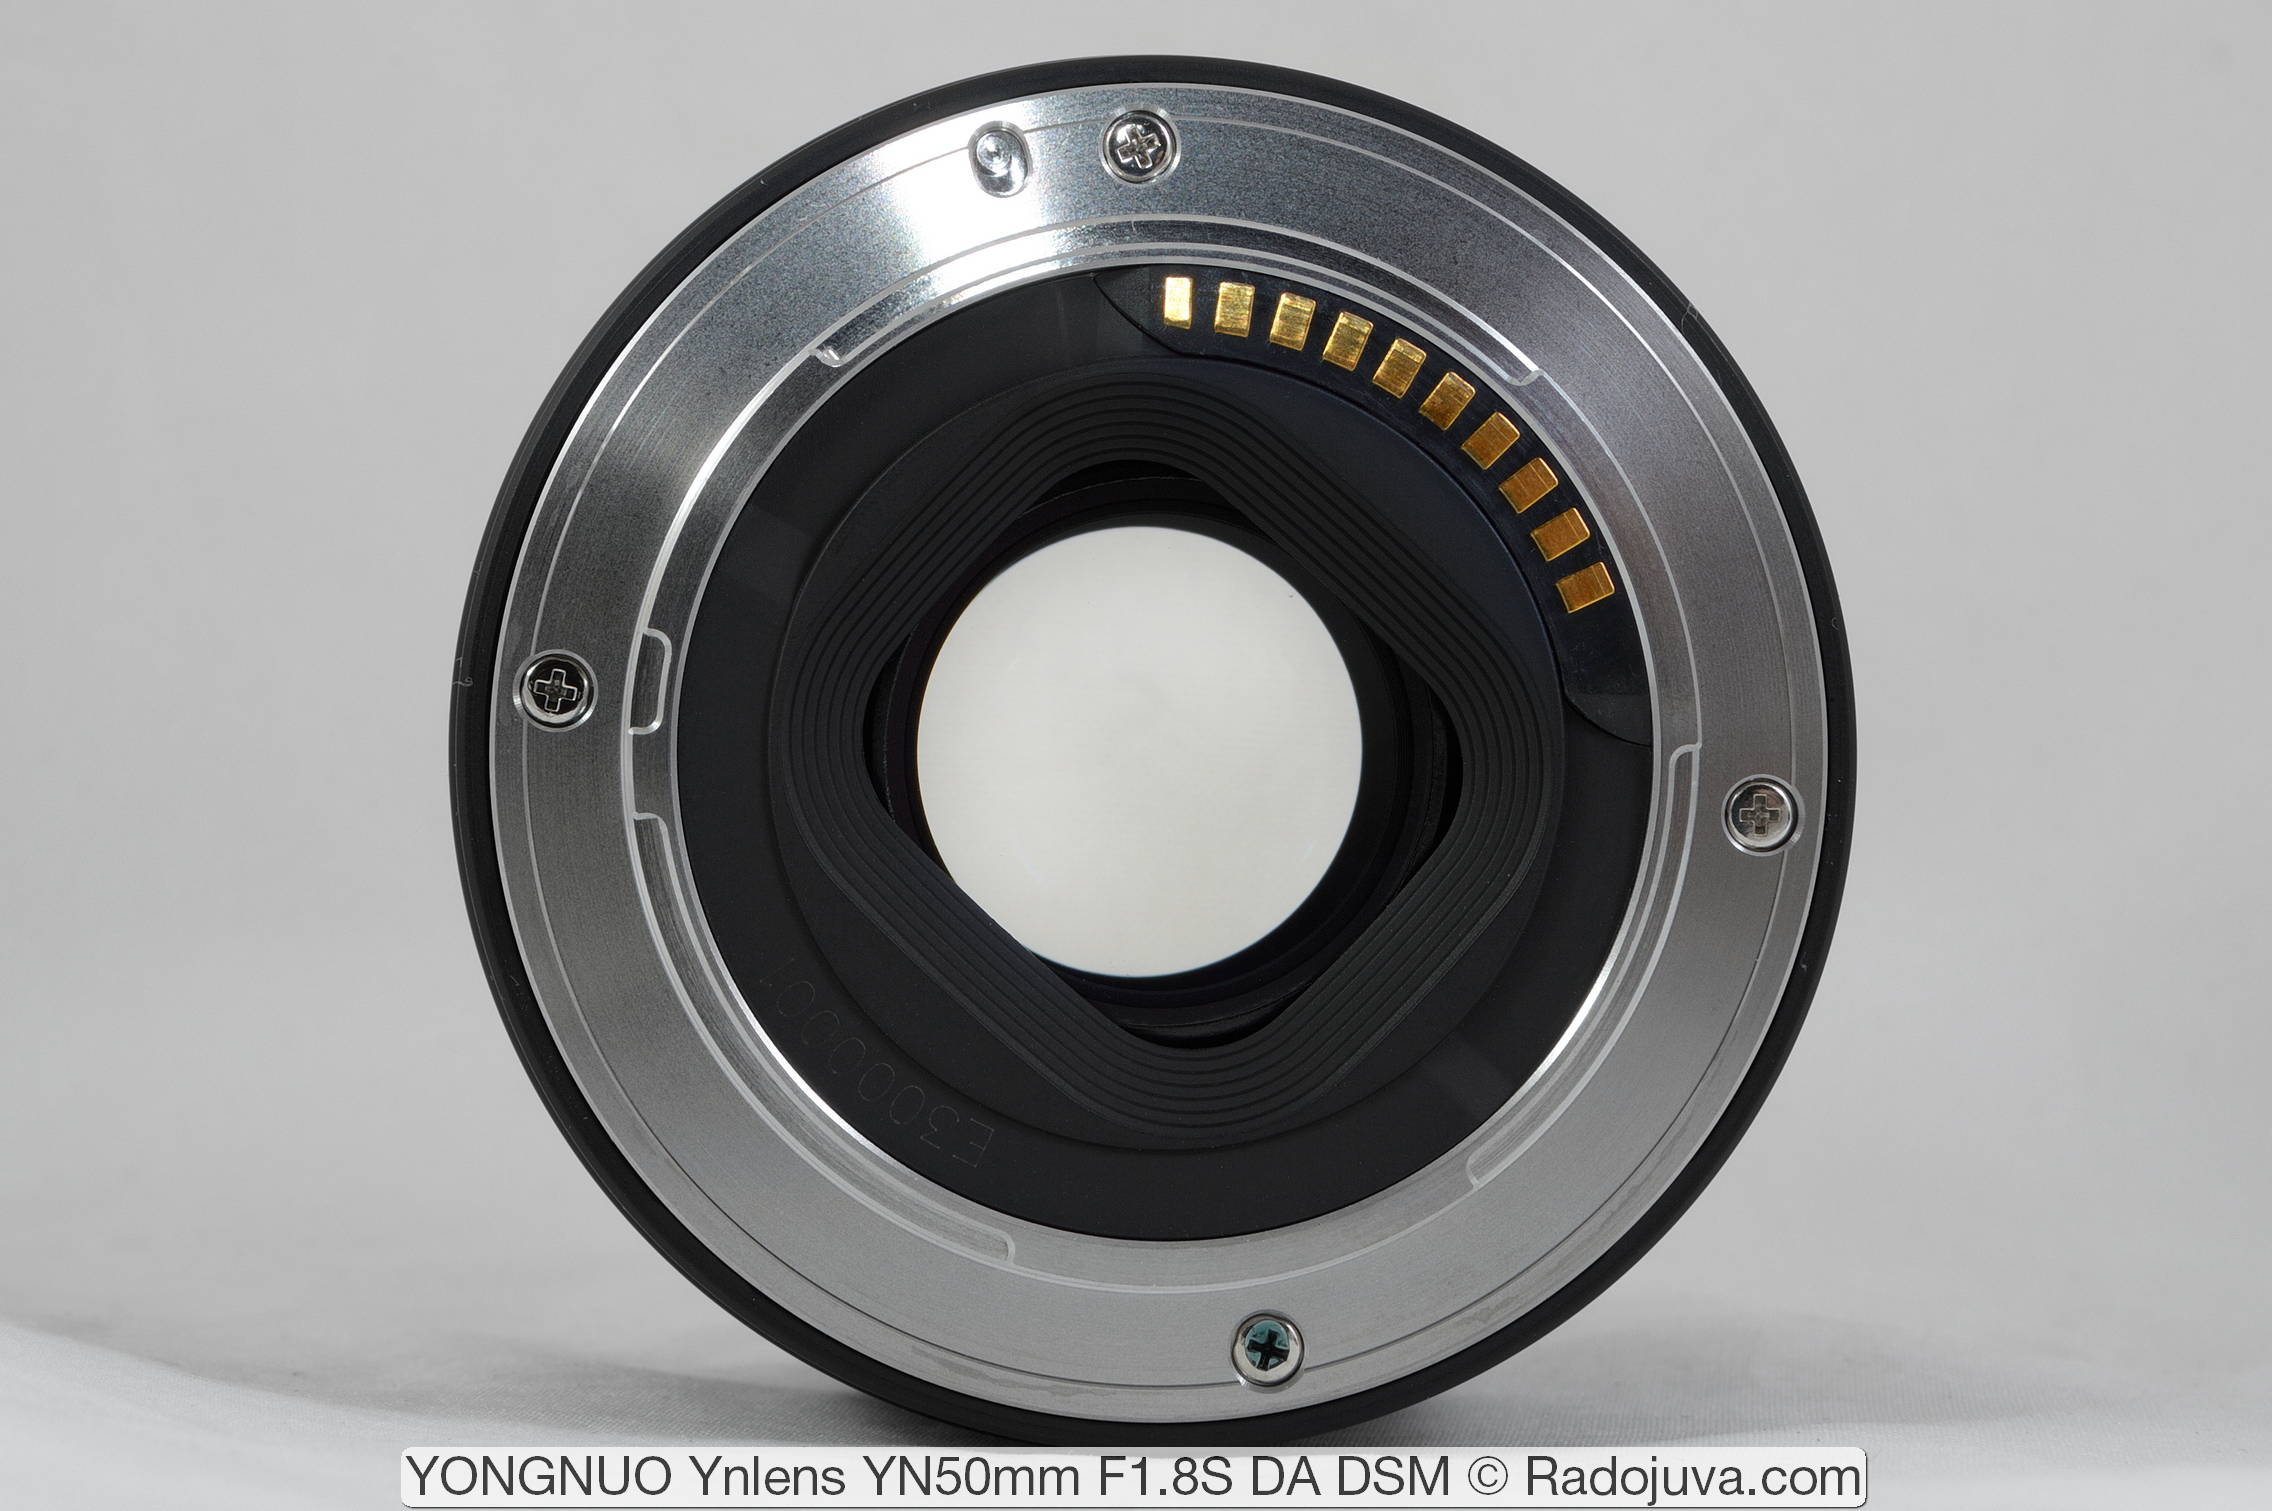 YONGNUO Ynlens YN50mm F1.8S DA DSM